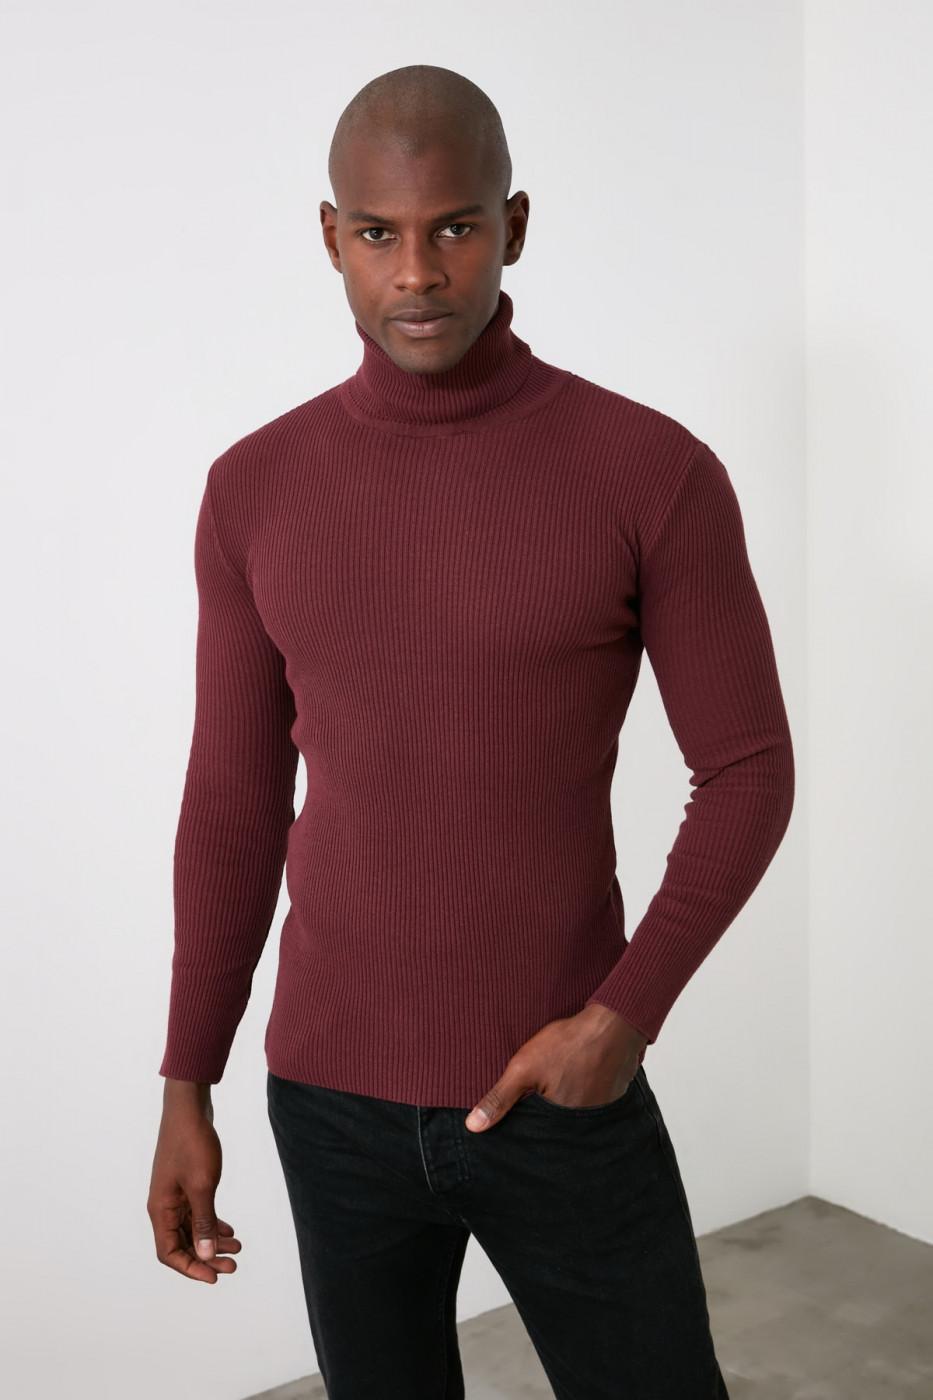 Trendyol Mydm Male Slim Fit Rubber Knitted Turtleneck Knitwear Sweater